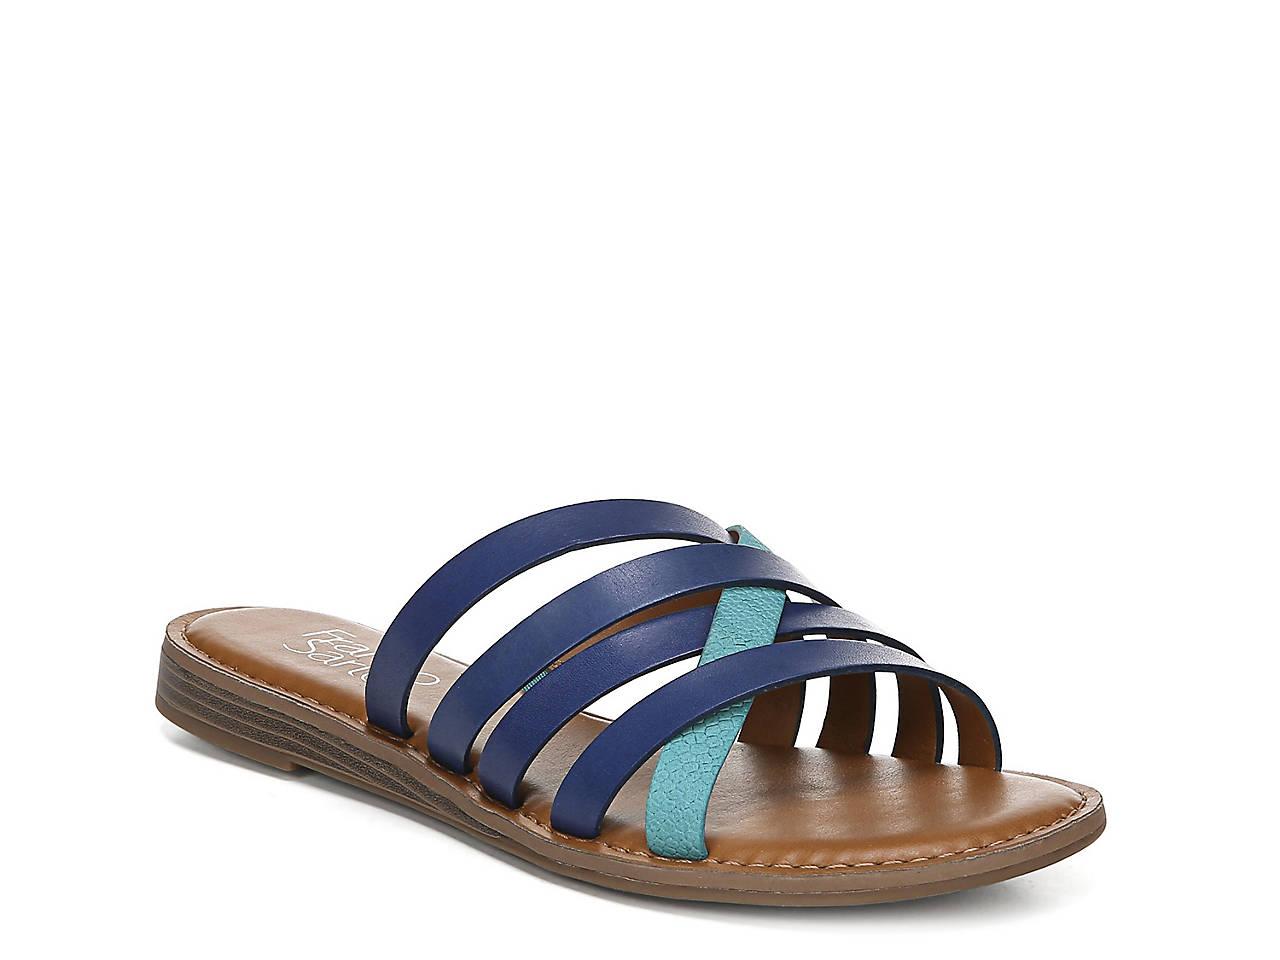 361bc05025d Franco Sarto Graceleigh Sandal Women s Shoes